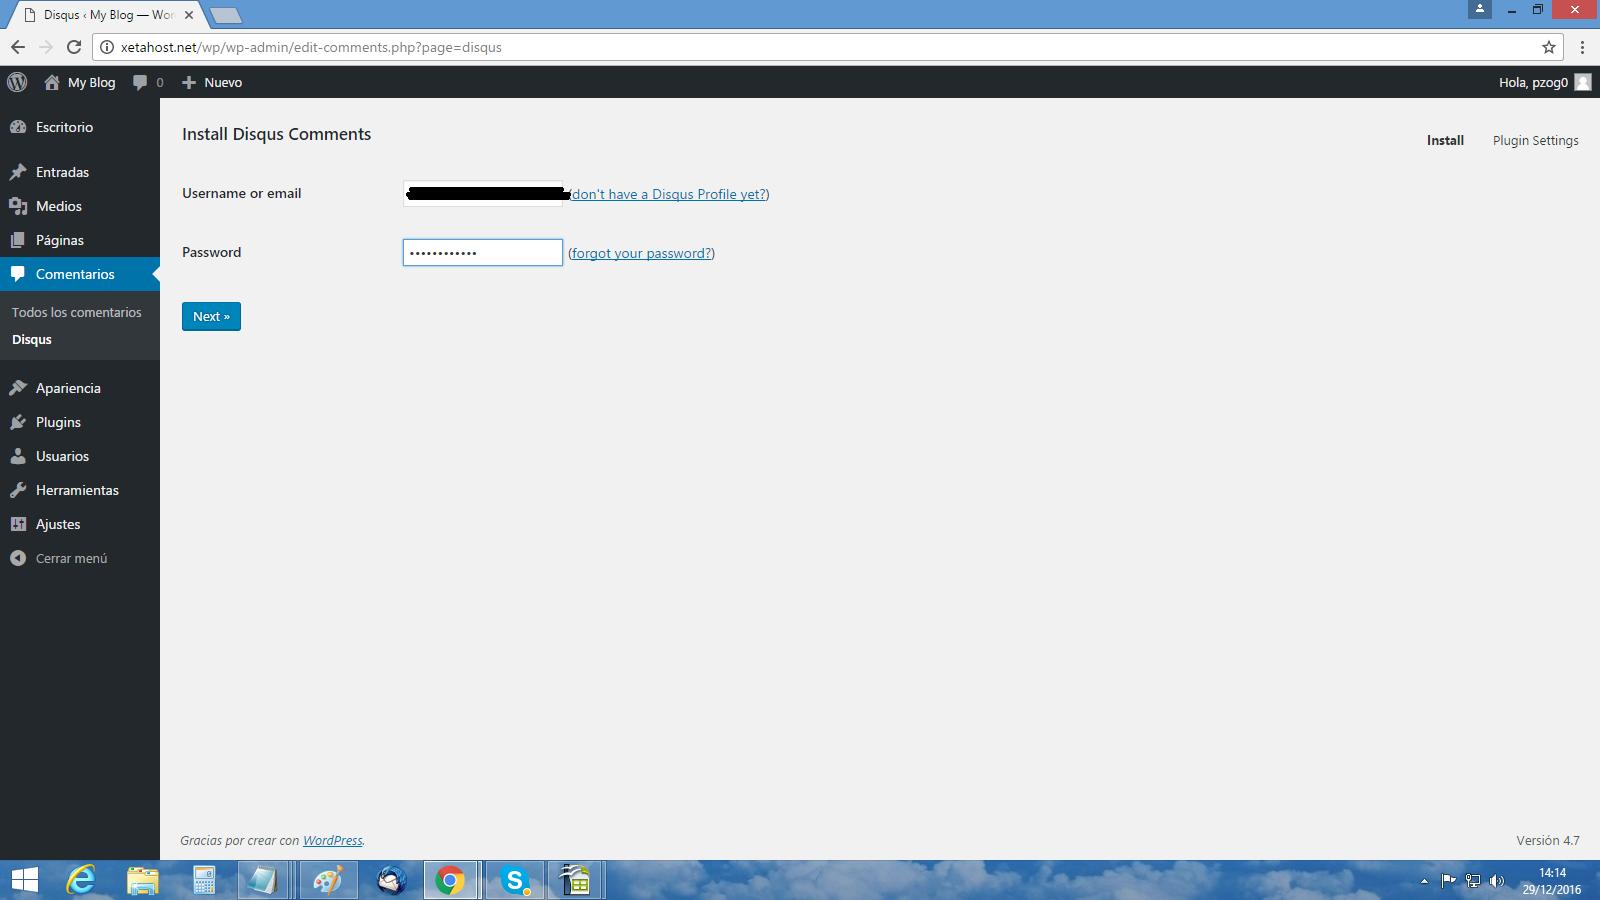 Cómo instalo Disqus en WordPress 2